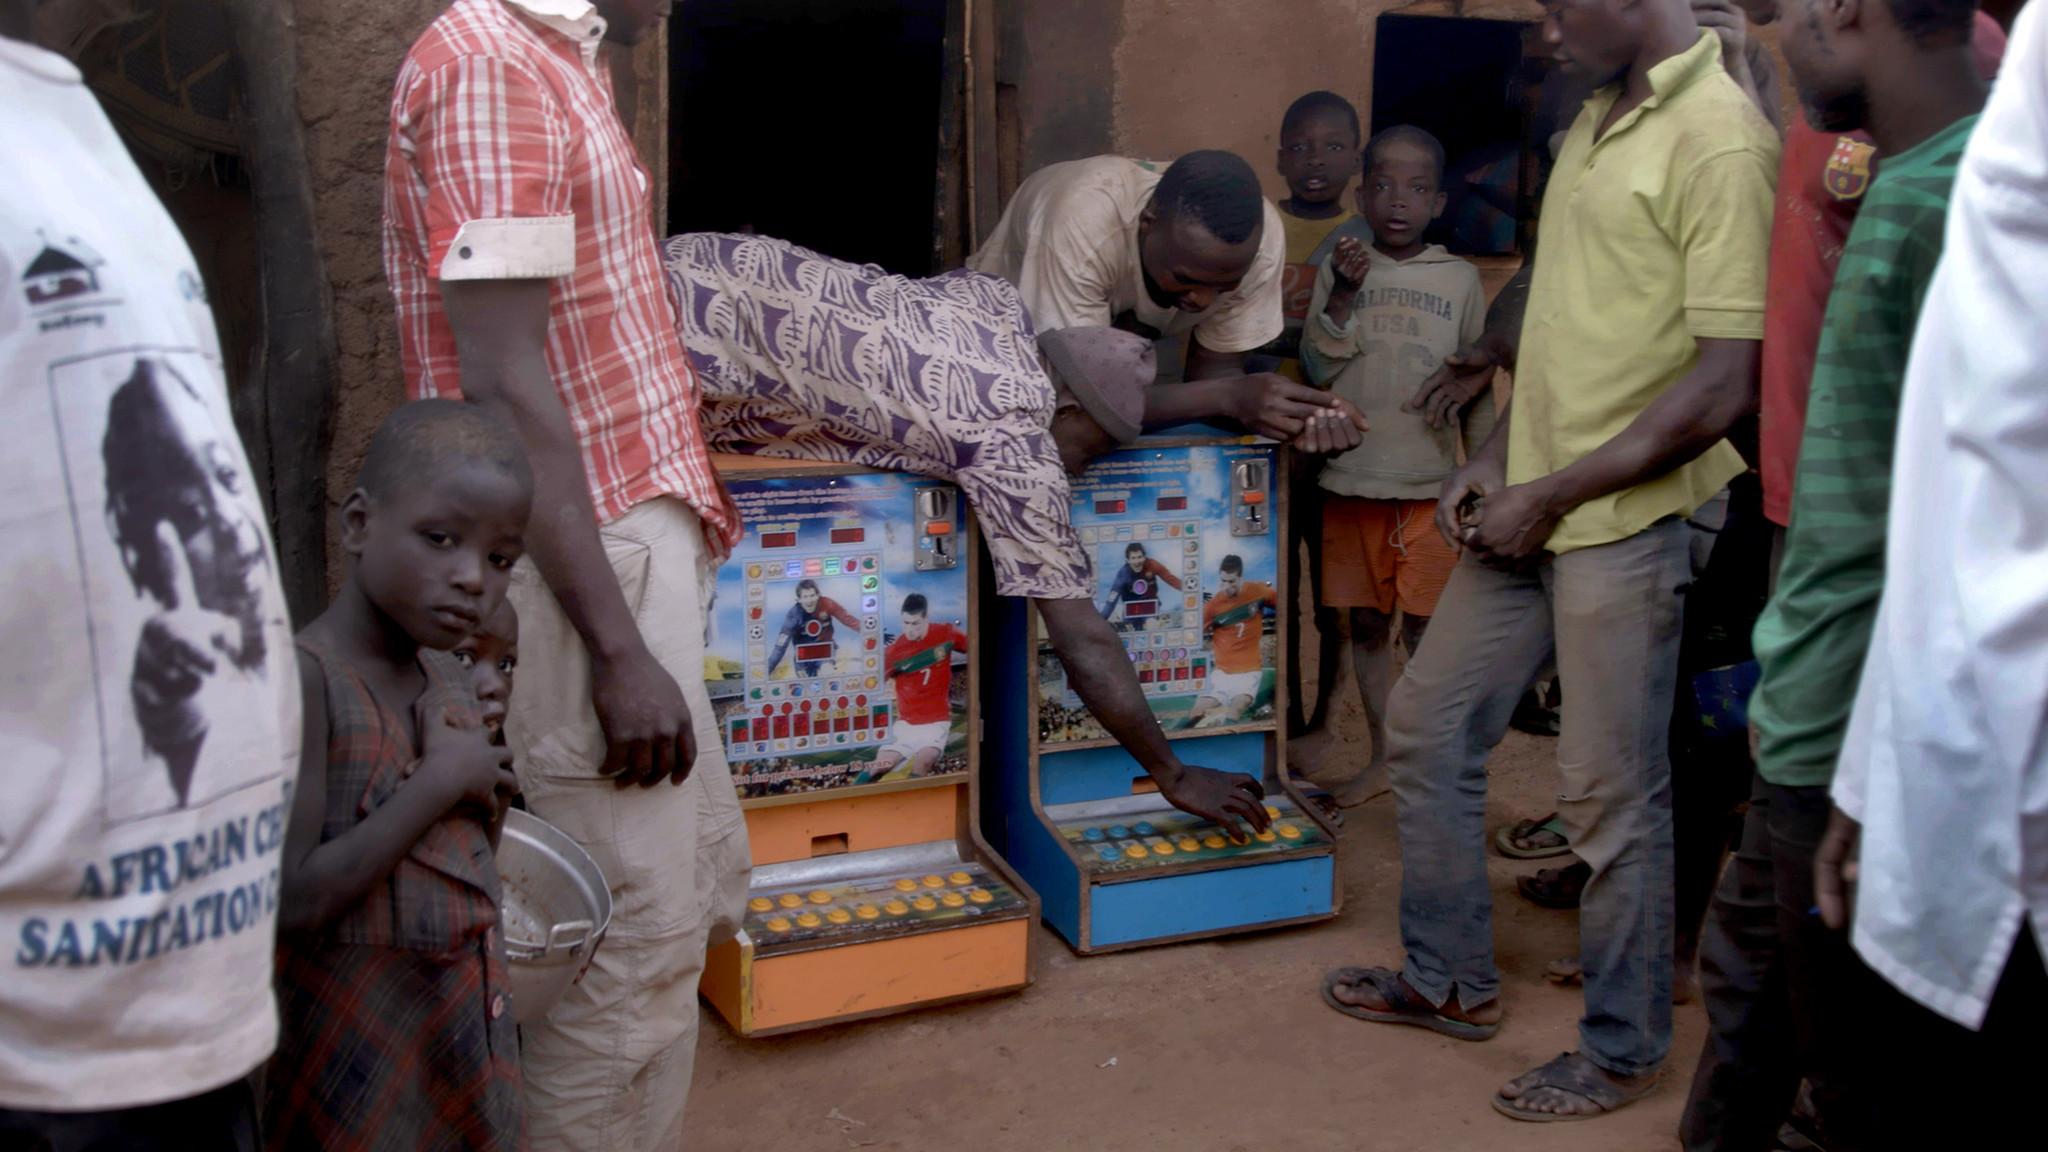 L'introduction nocive des jeux d'argent dans le nord du Ghana par des Chinois